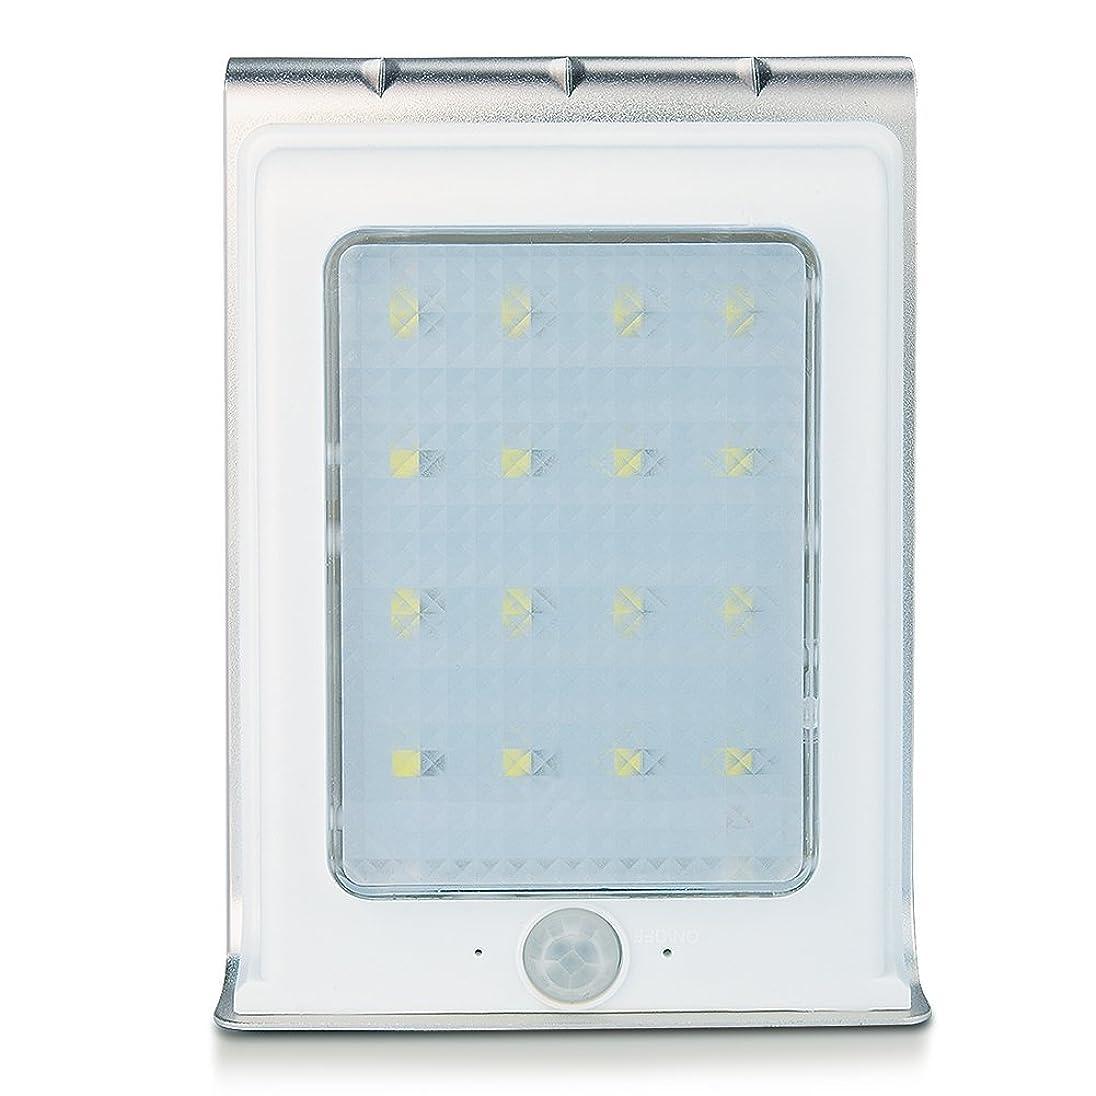 殉教者軍好戦的なUniquefire 改良版 ソーラーライト充電式LEDライト16個LED電球 人感センサーと明暗センサーを搭載アウトドアライト (1点セット)